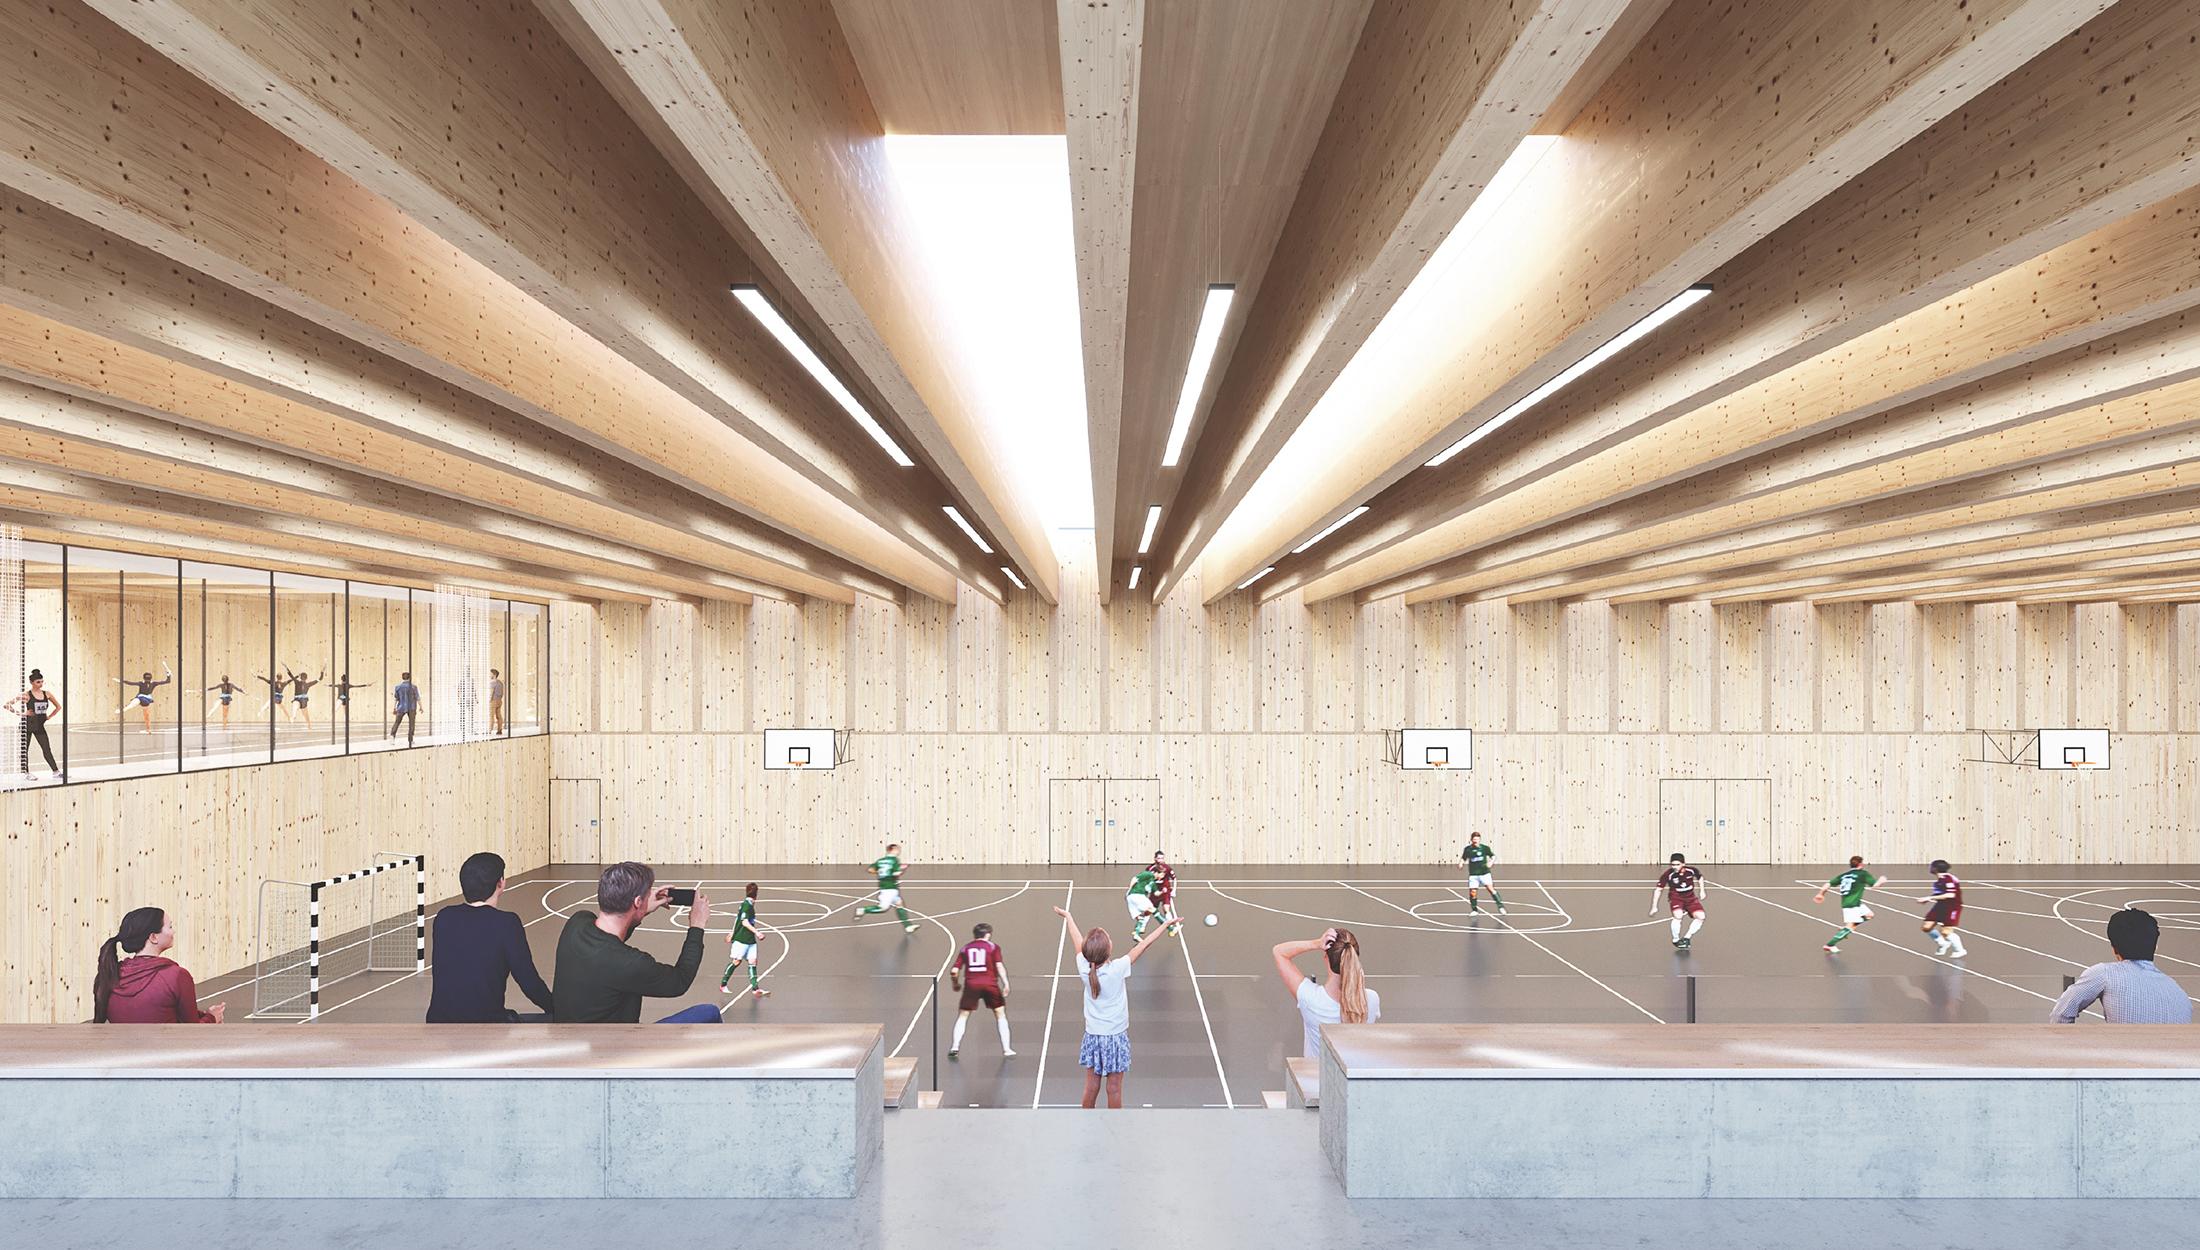 2020, Wettbewerb Neubau Vierfeldhalle, Neckartenzlingen